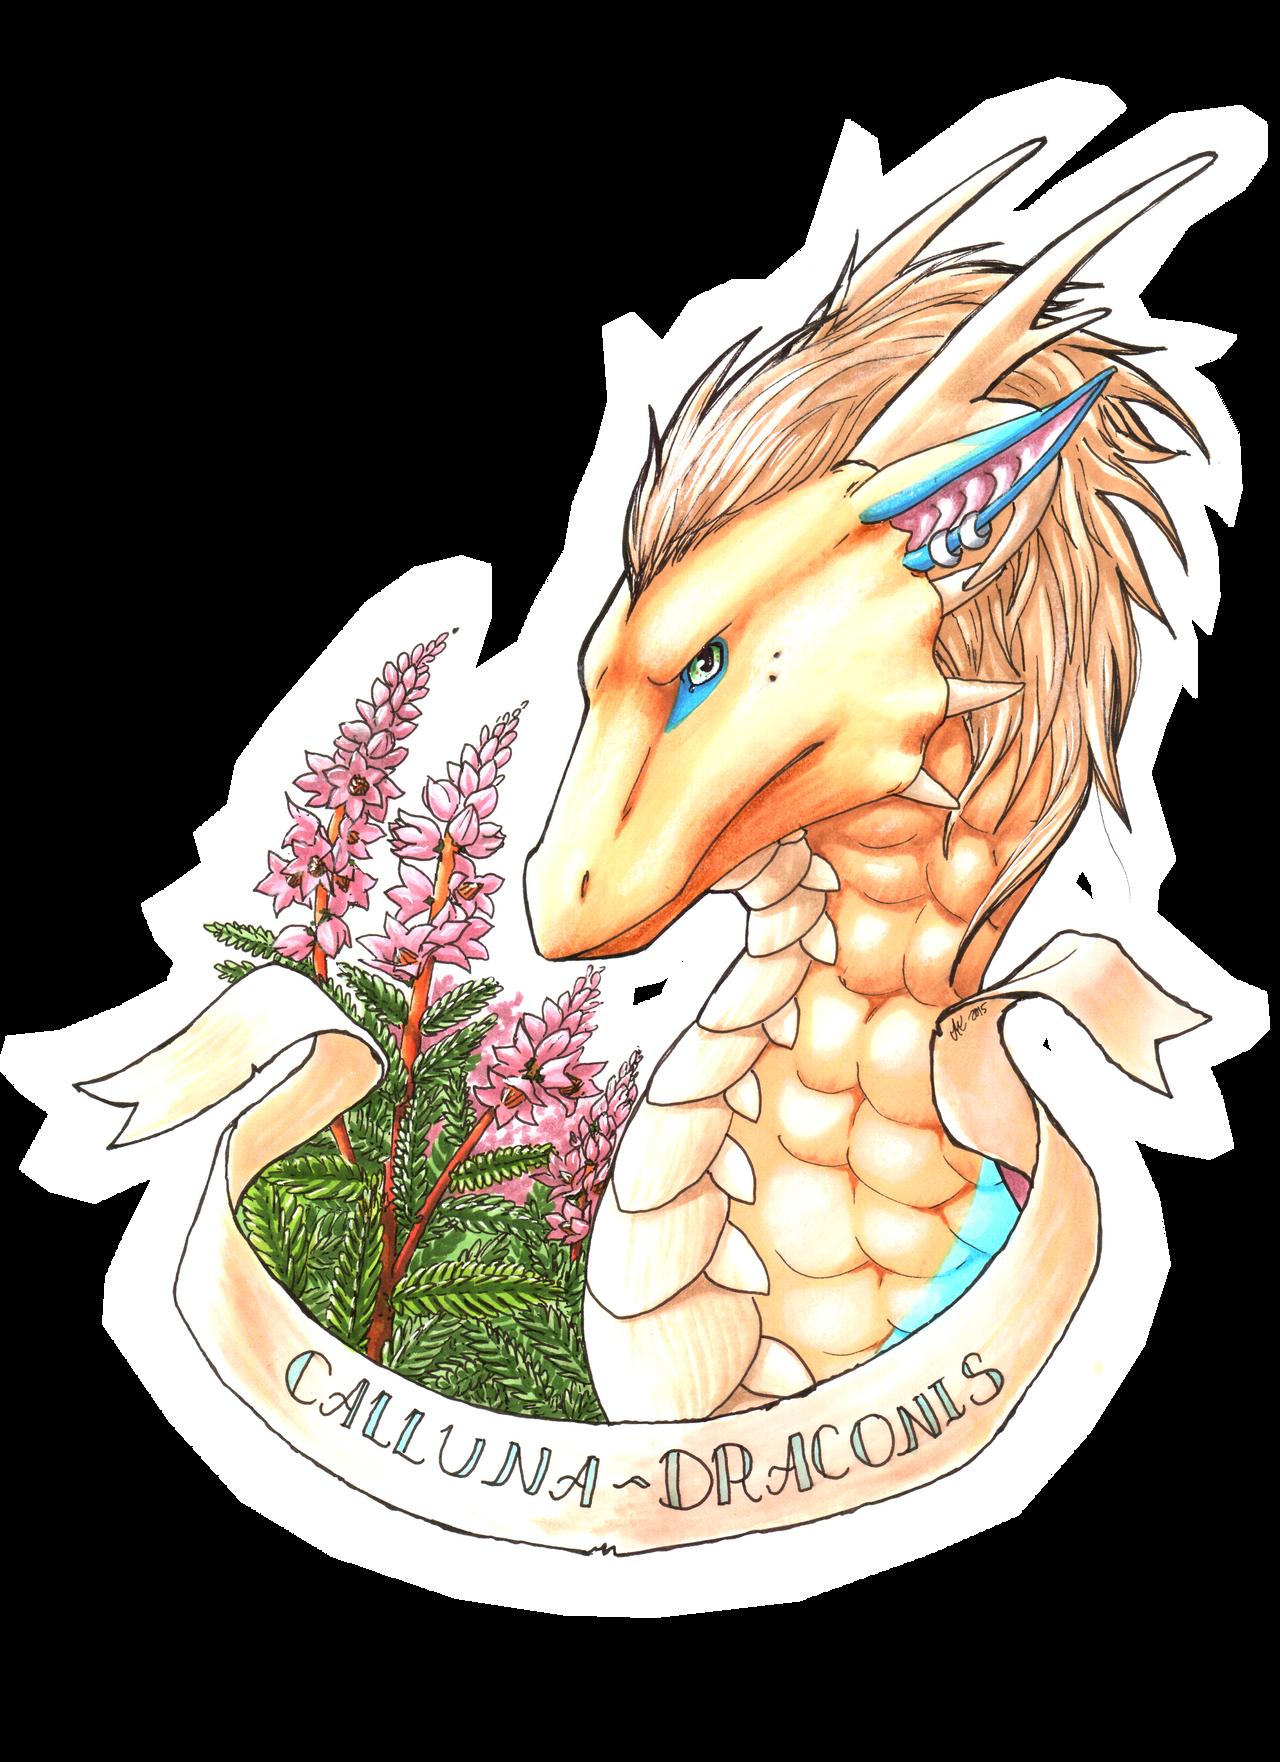 Calluna-Draconis's Profile Picture